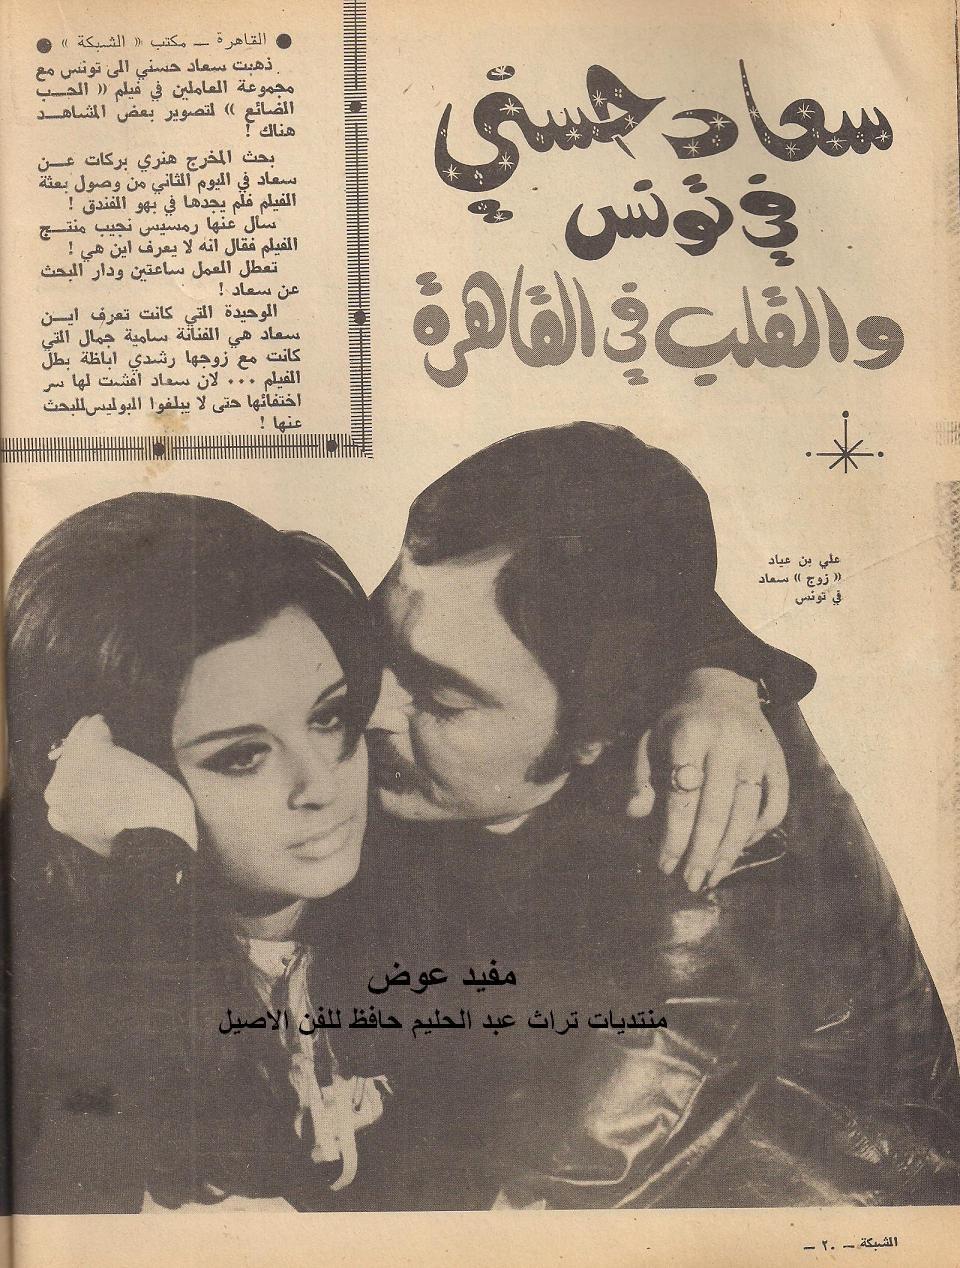 مقال - مقال صحفي : سعاد حسني في تونس والقلب في القاهرة 1970 م 2q0r1gy